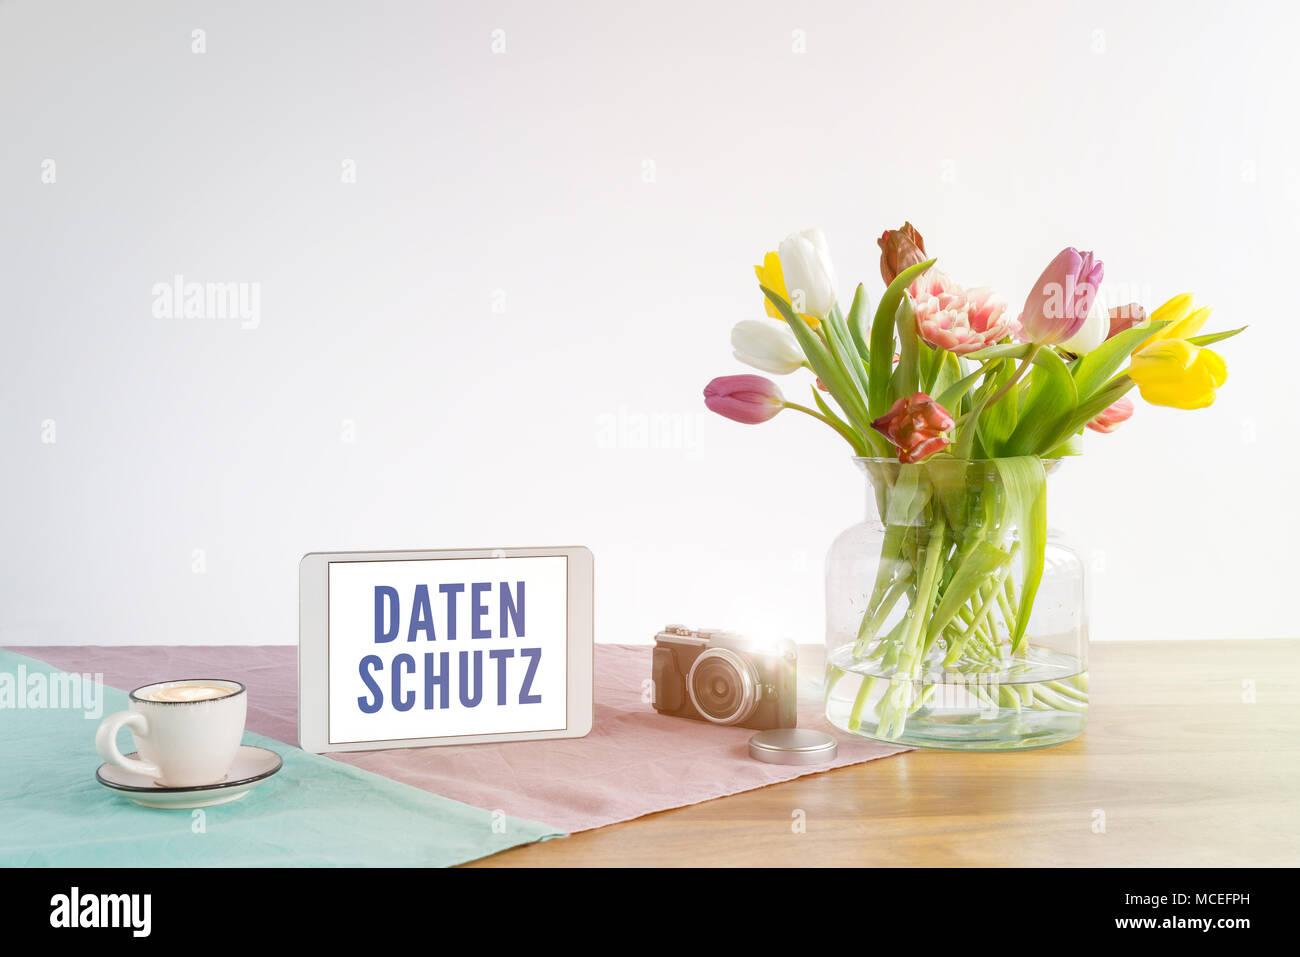 Ufficio Scrivania In Inglese : Parola tedesca datenschutz scritto su tablet schermo significato la